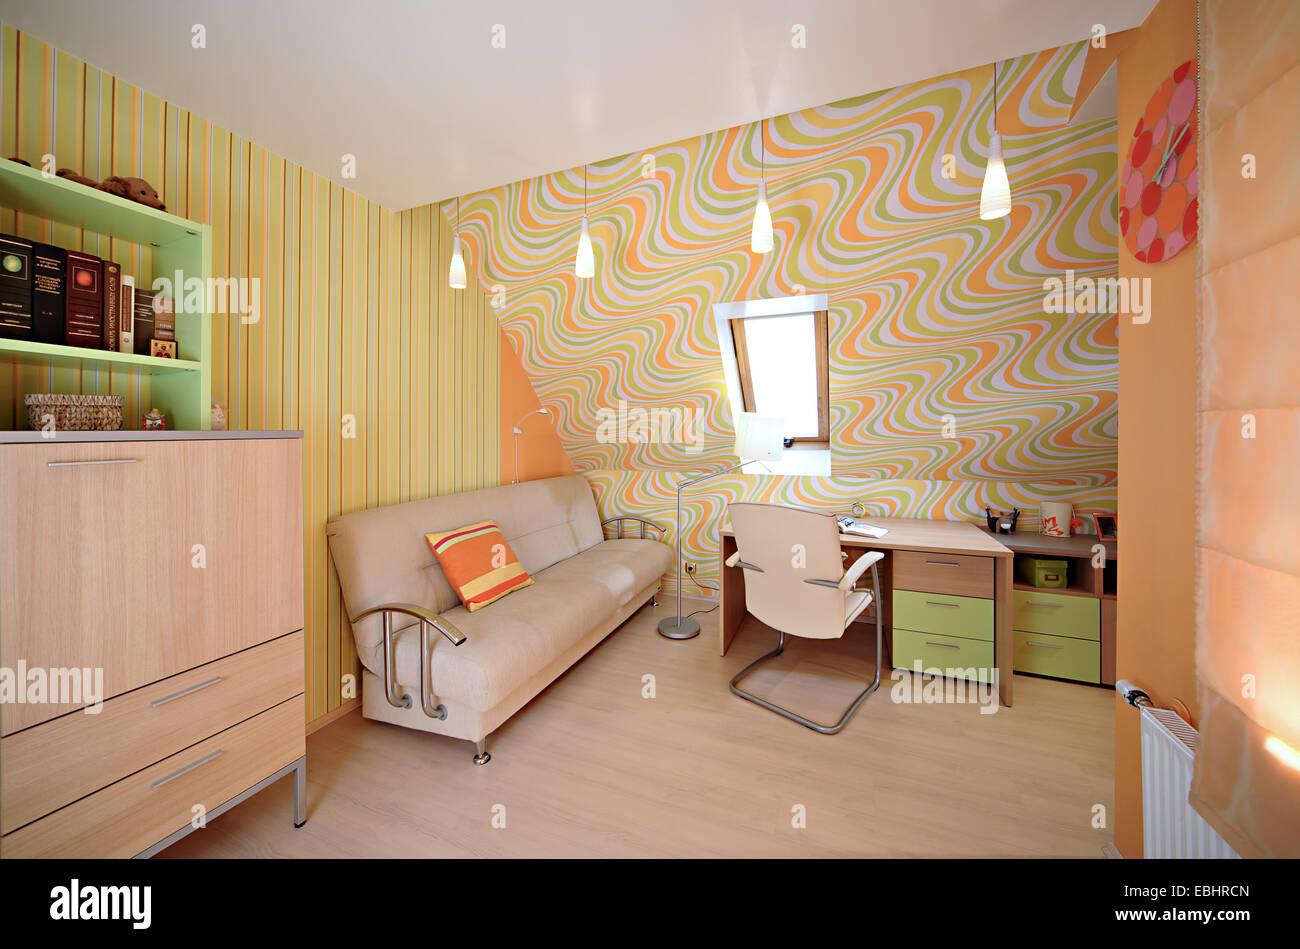 Raum für Schooler. Interieur in das moderne Haus. Schreibtisch, Buch ...